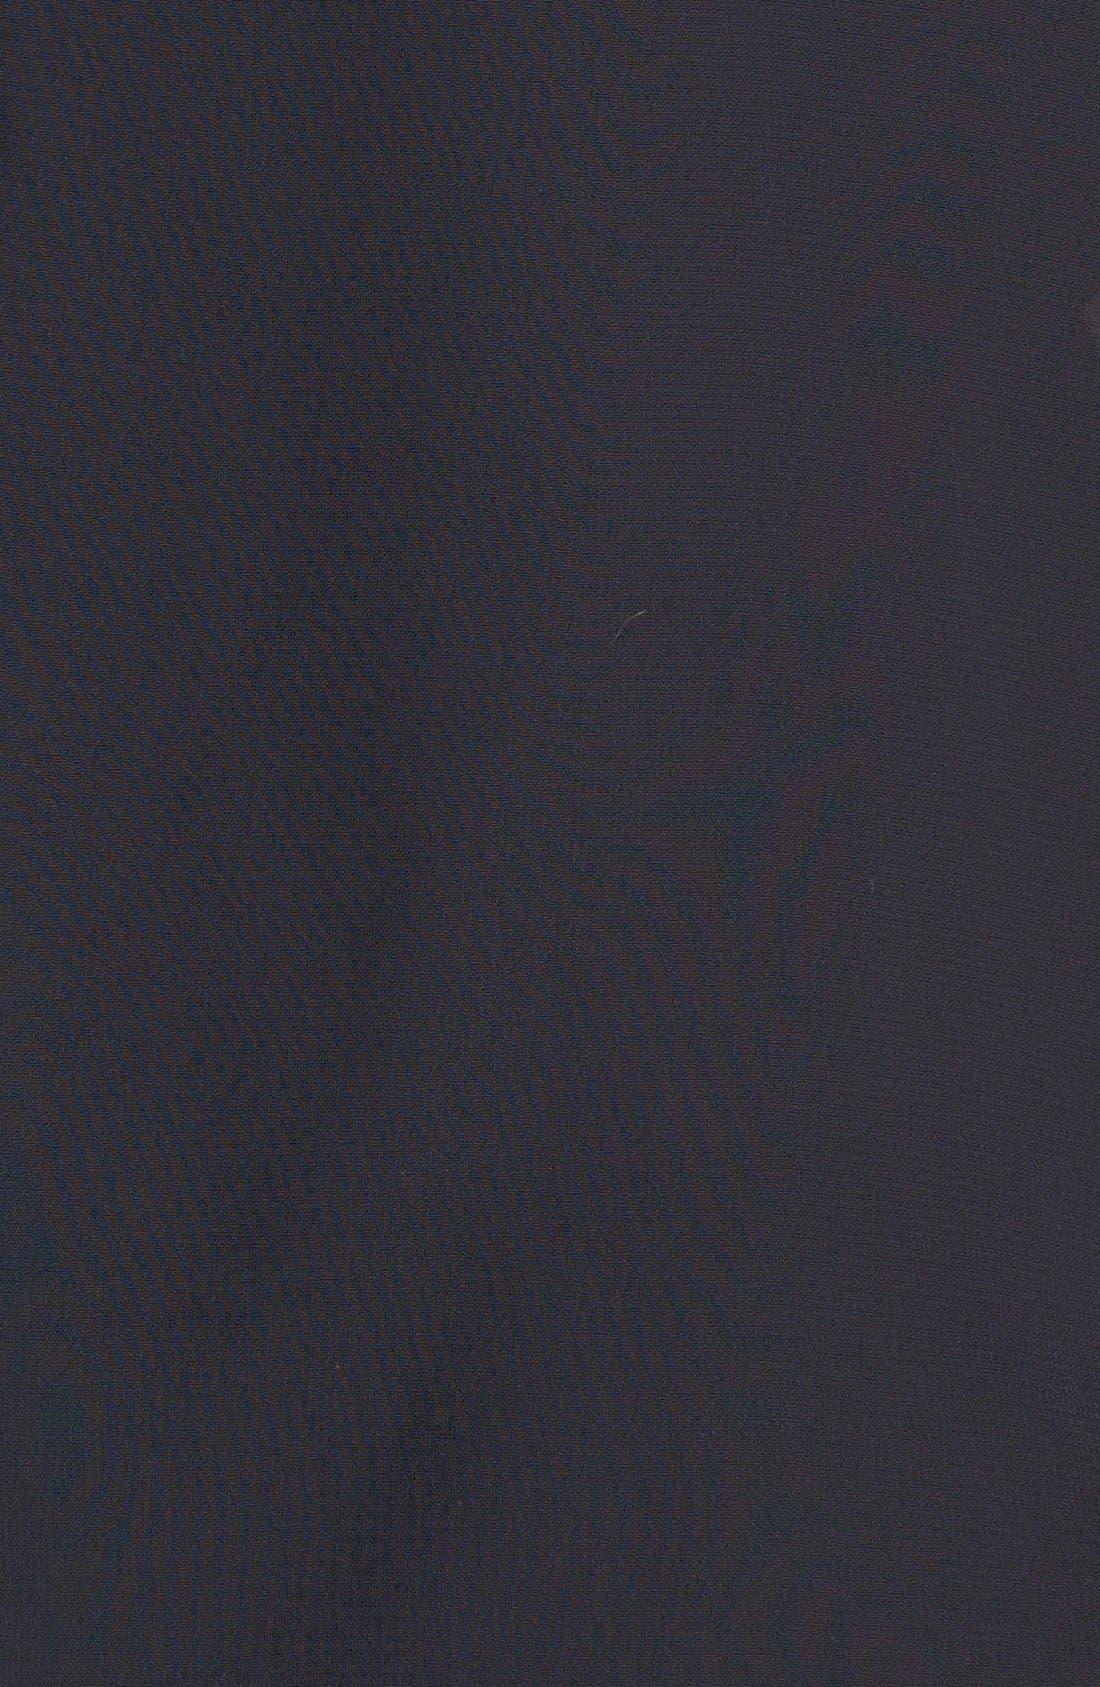 Alternate Image 3  - Xscape Embellished Keyhole Mixed Media Blouson Dress (Plus Size)